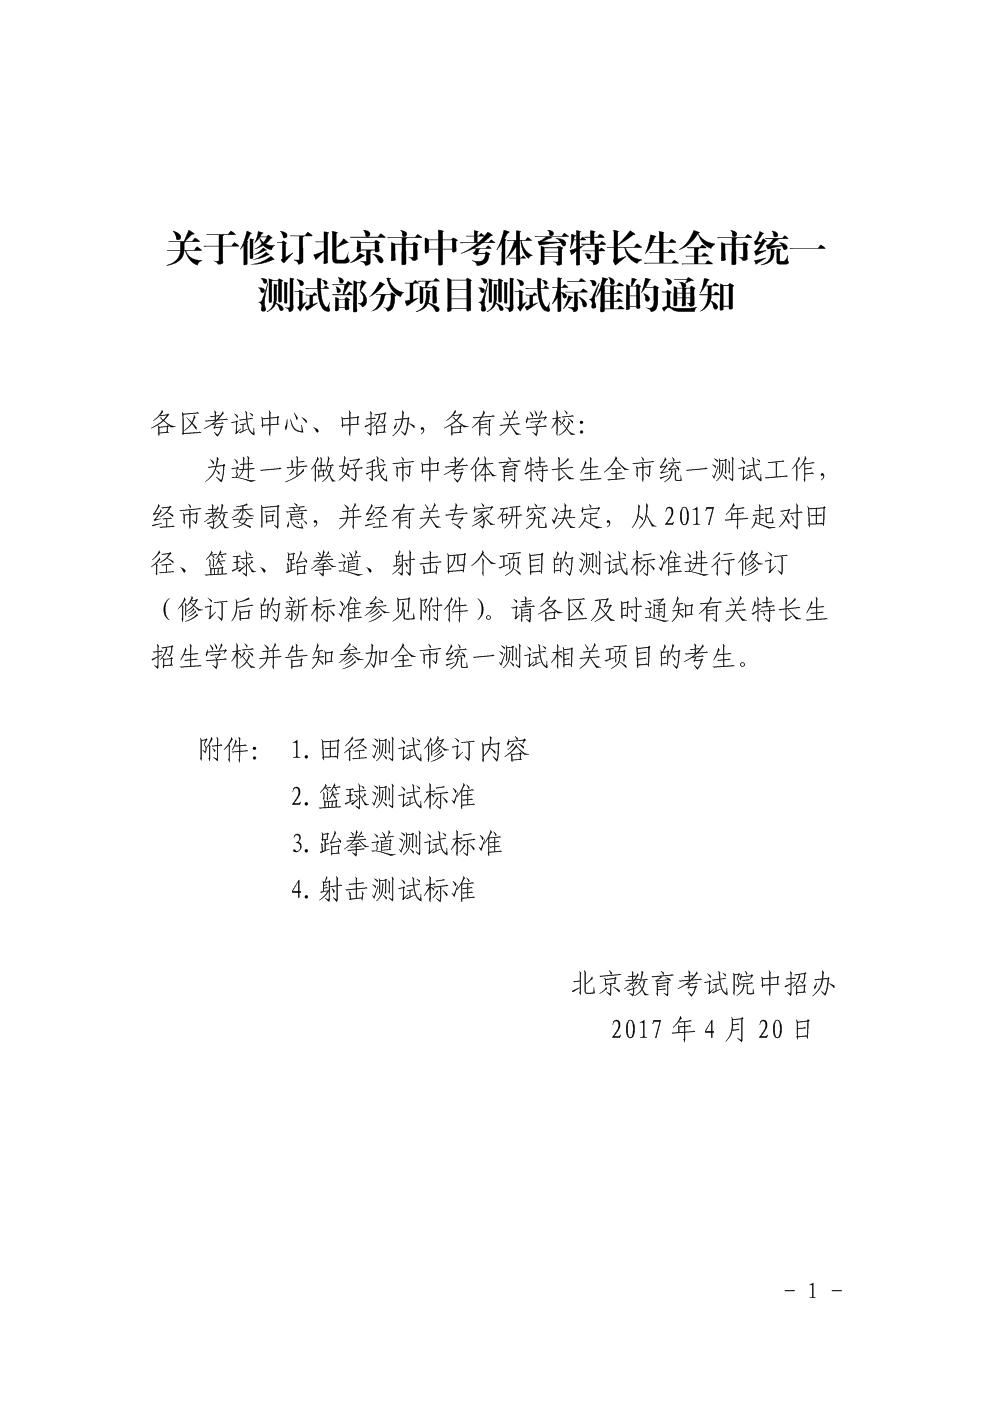 北京教育考试院关于修订北京市中考体育特长生全市统一测试部分项目测试标准的通知.doc